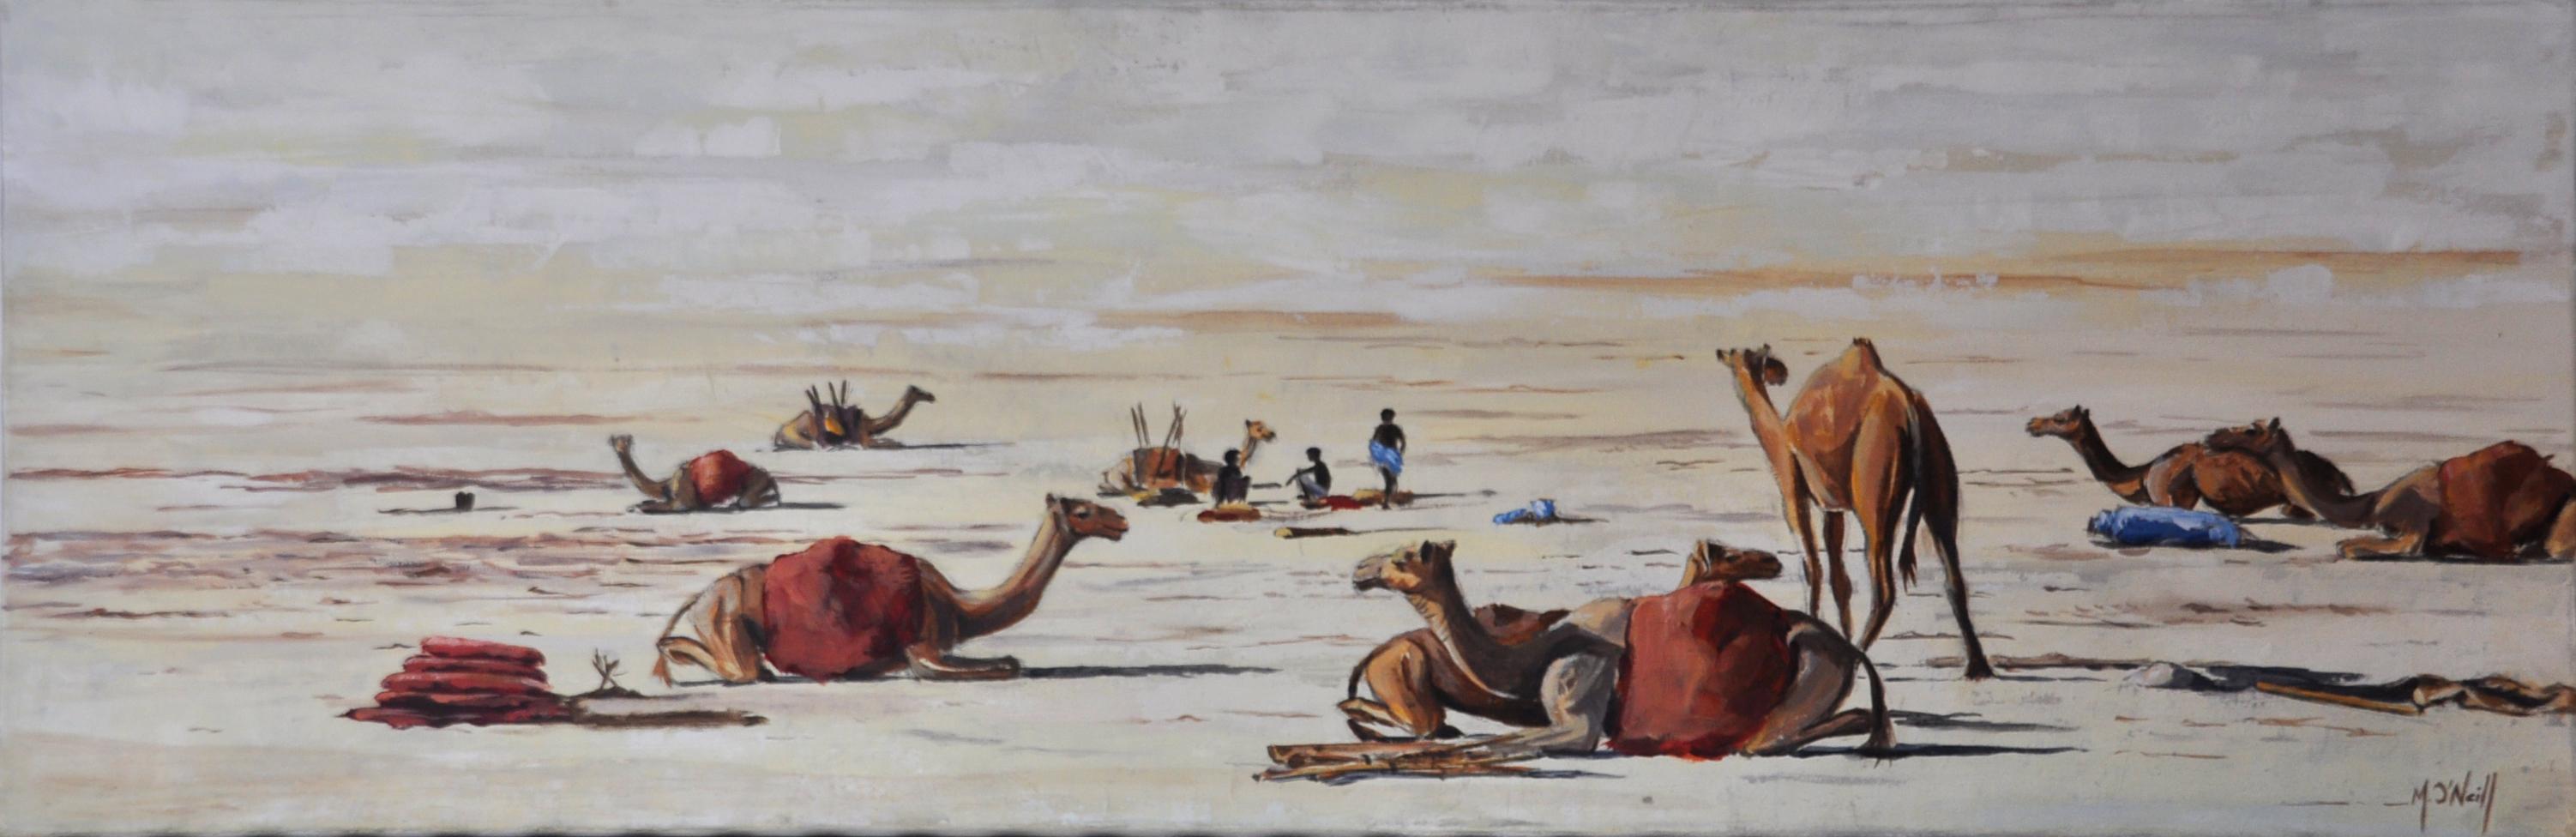 La caravane du désert, 90x30cm